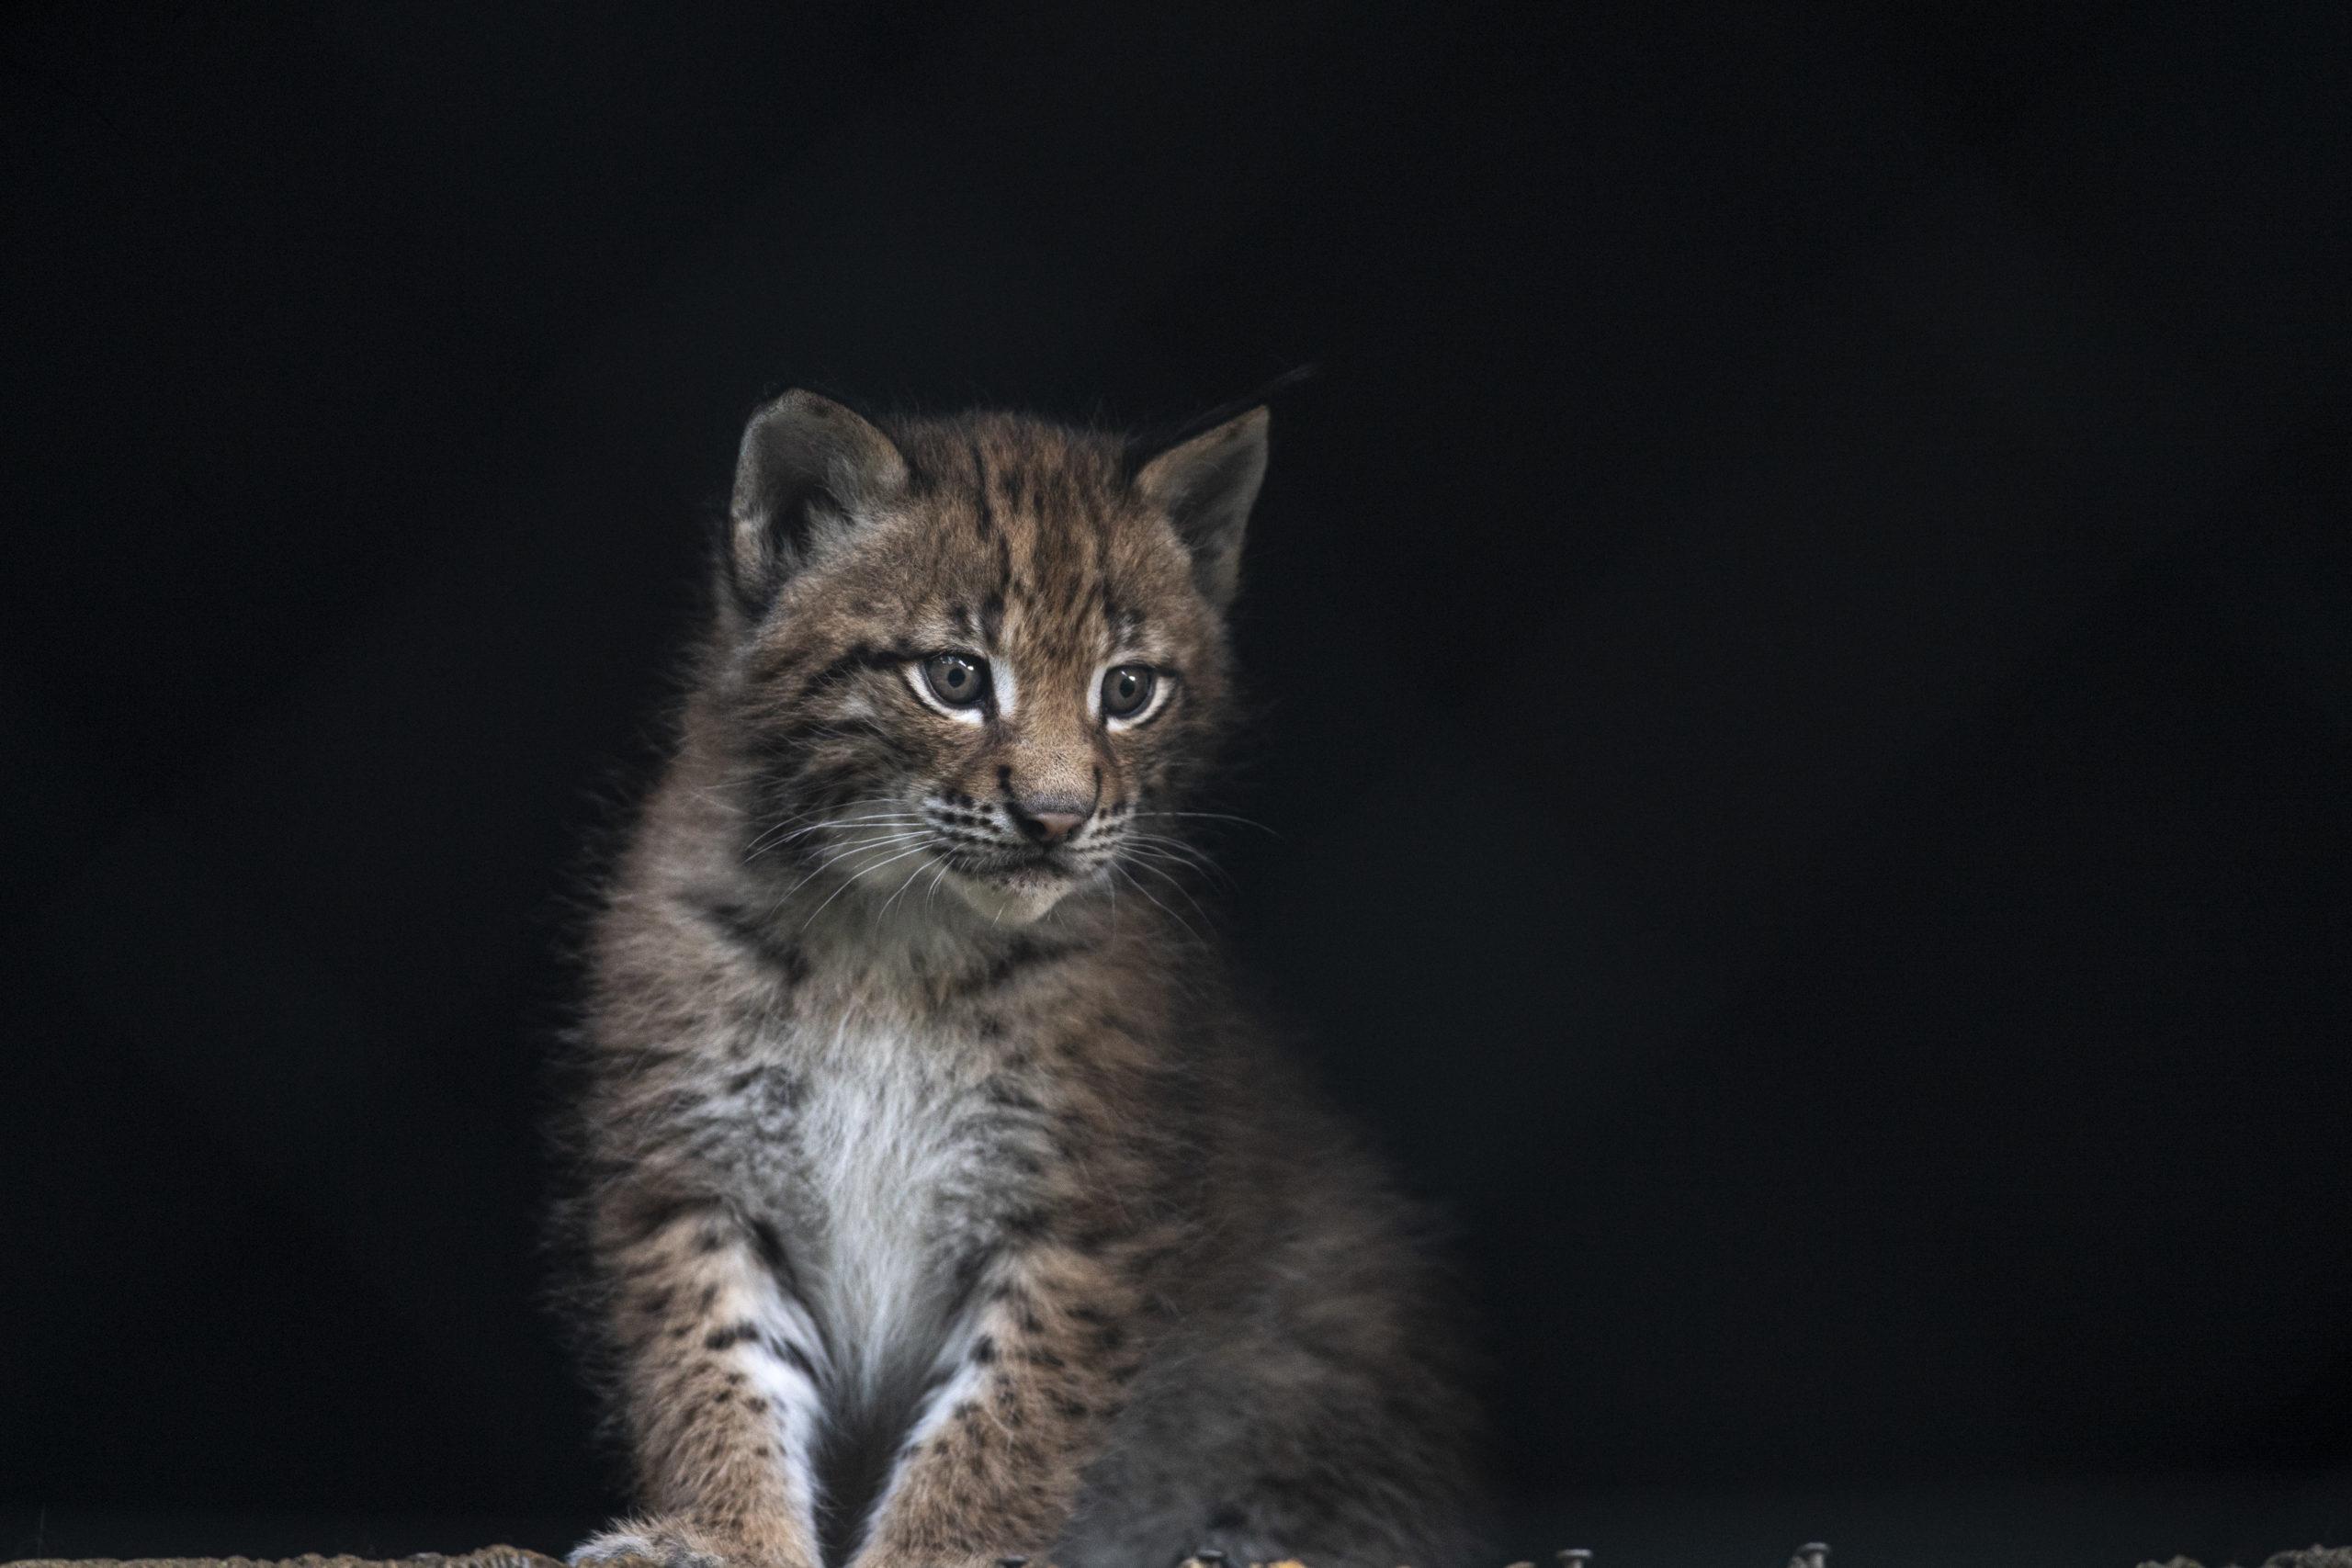 c Daniel Schwab - Naturfotografie Katzluchs.